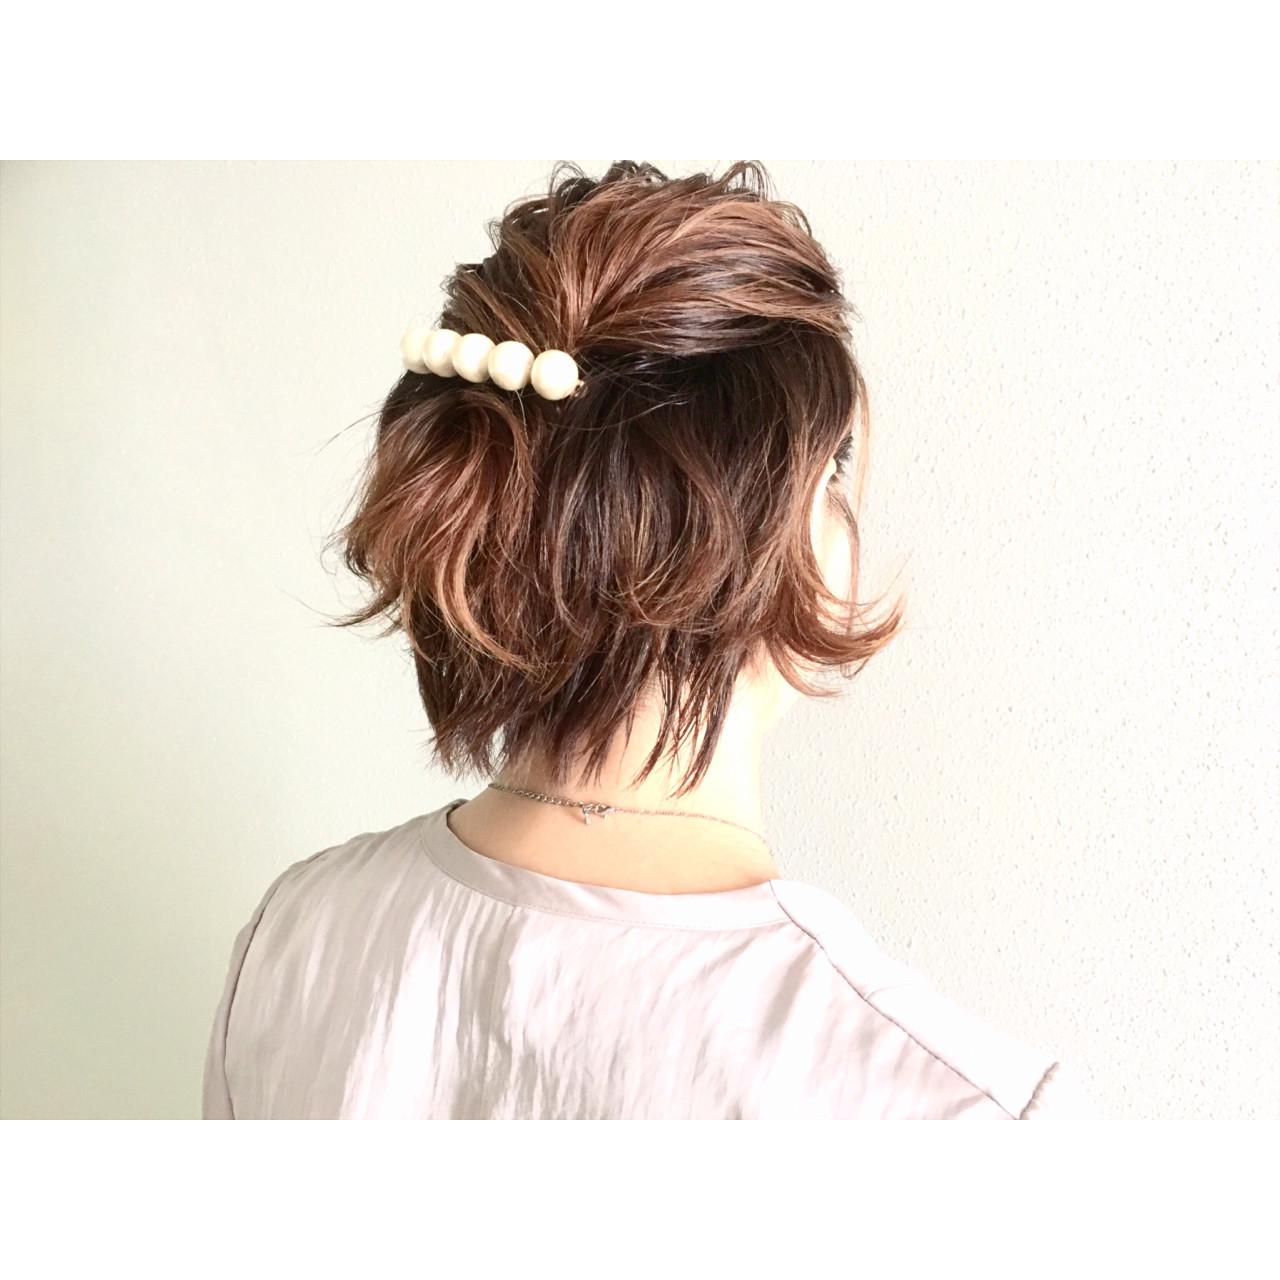 簡単ショートヘアアレンジはバリエ無限大♡短い髪でもデキる! 廣長 毅/ vamp≦diva Lull①サイドからバックにかけて髪の毛をスライスします②そのまま結んだりとめてもいいのですが、ねじりを加えると表情がでます③バレッタでとめます(ここでペタンコにならないように前もって逆毛を立てても)耳上の髪の毛でハーフアップをするとよりすっきり。スポーツをする日にもおすすめです。普段は上のほうだけルーズにまとめてちょっぴり大人っぽくしてみるのも○。